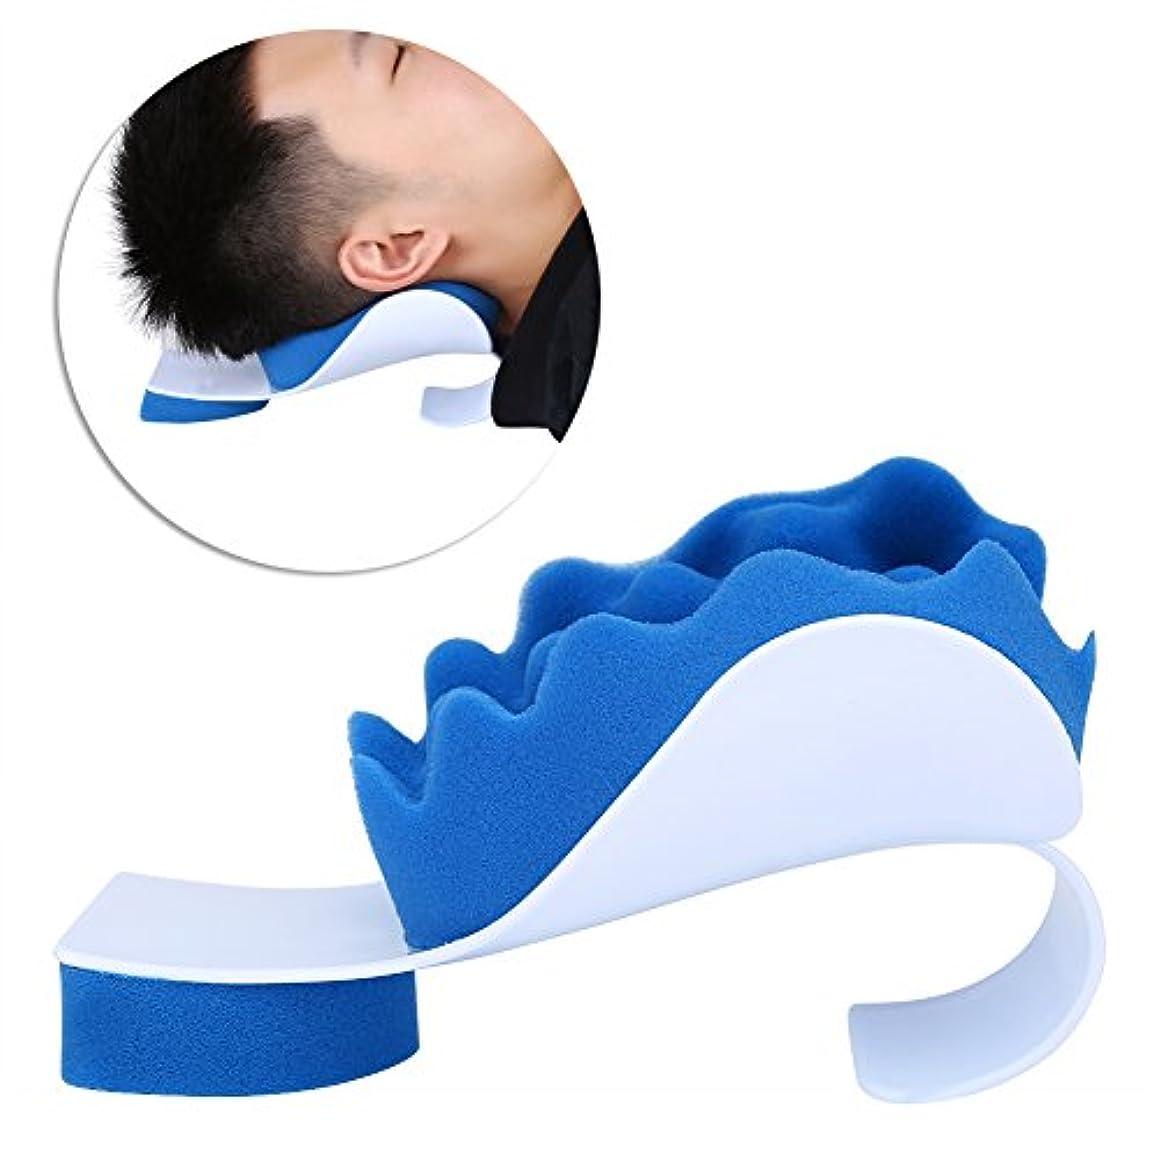 神交換庭園肩首リラックスピロー、最高の肩こりと肩の痛みを緩和する緩和サポートデバイス